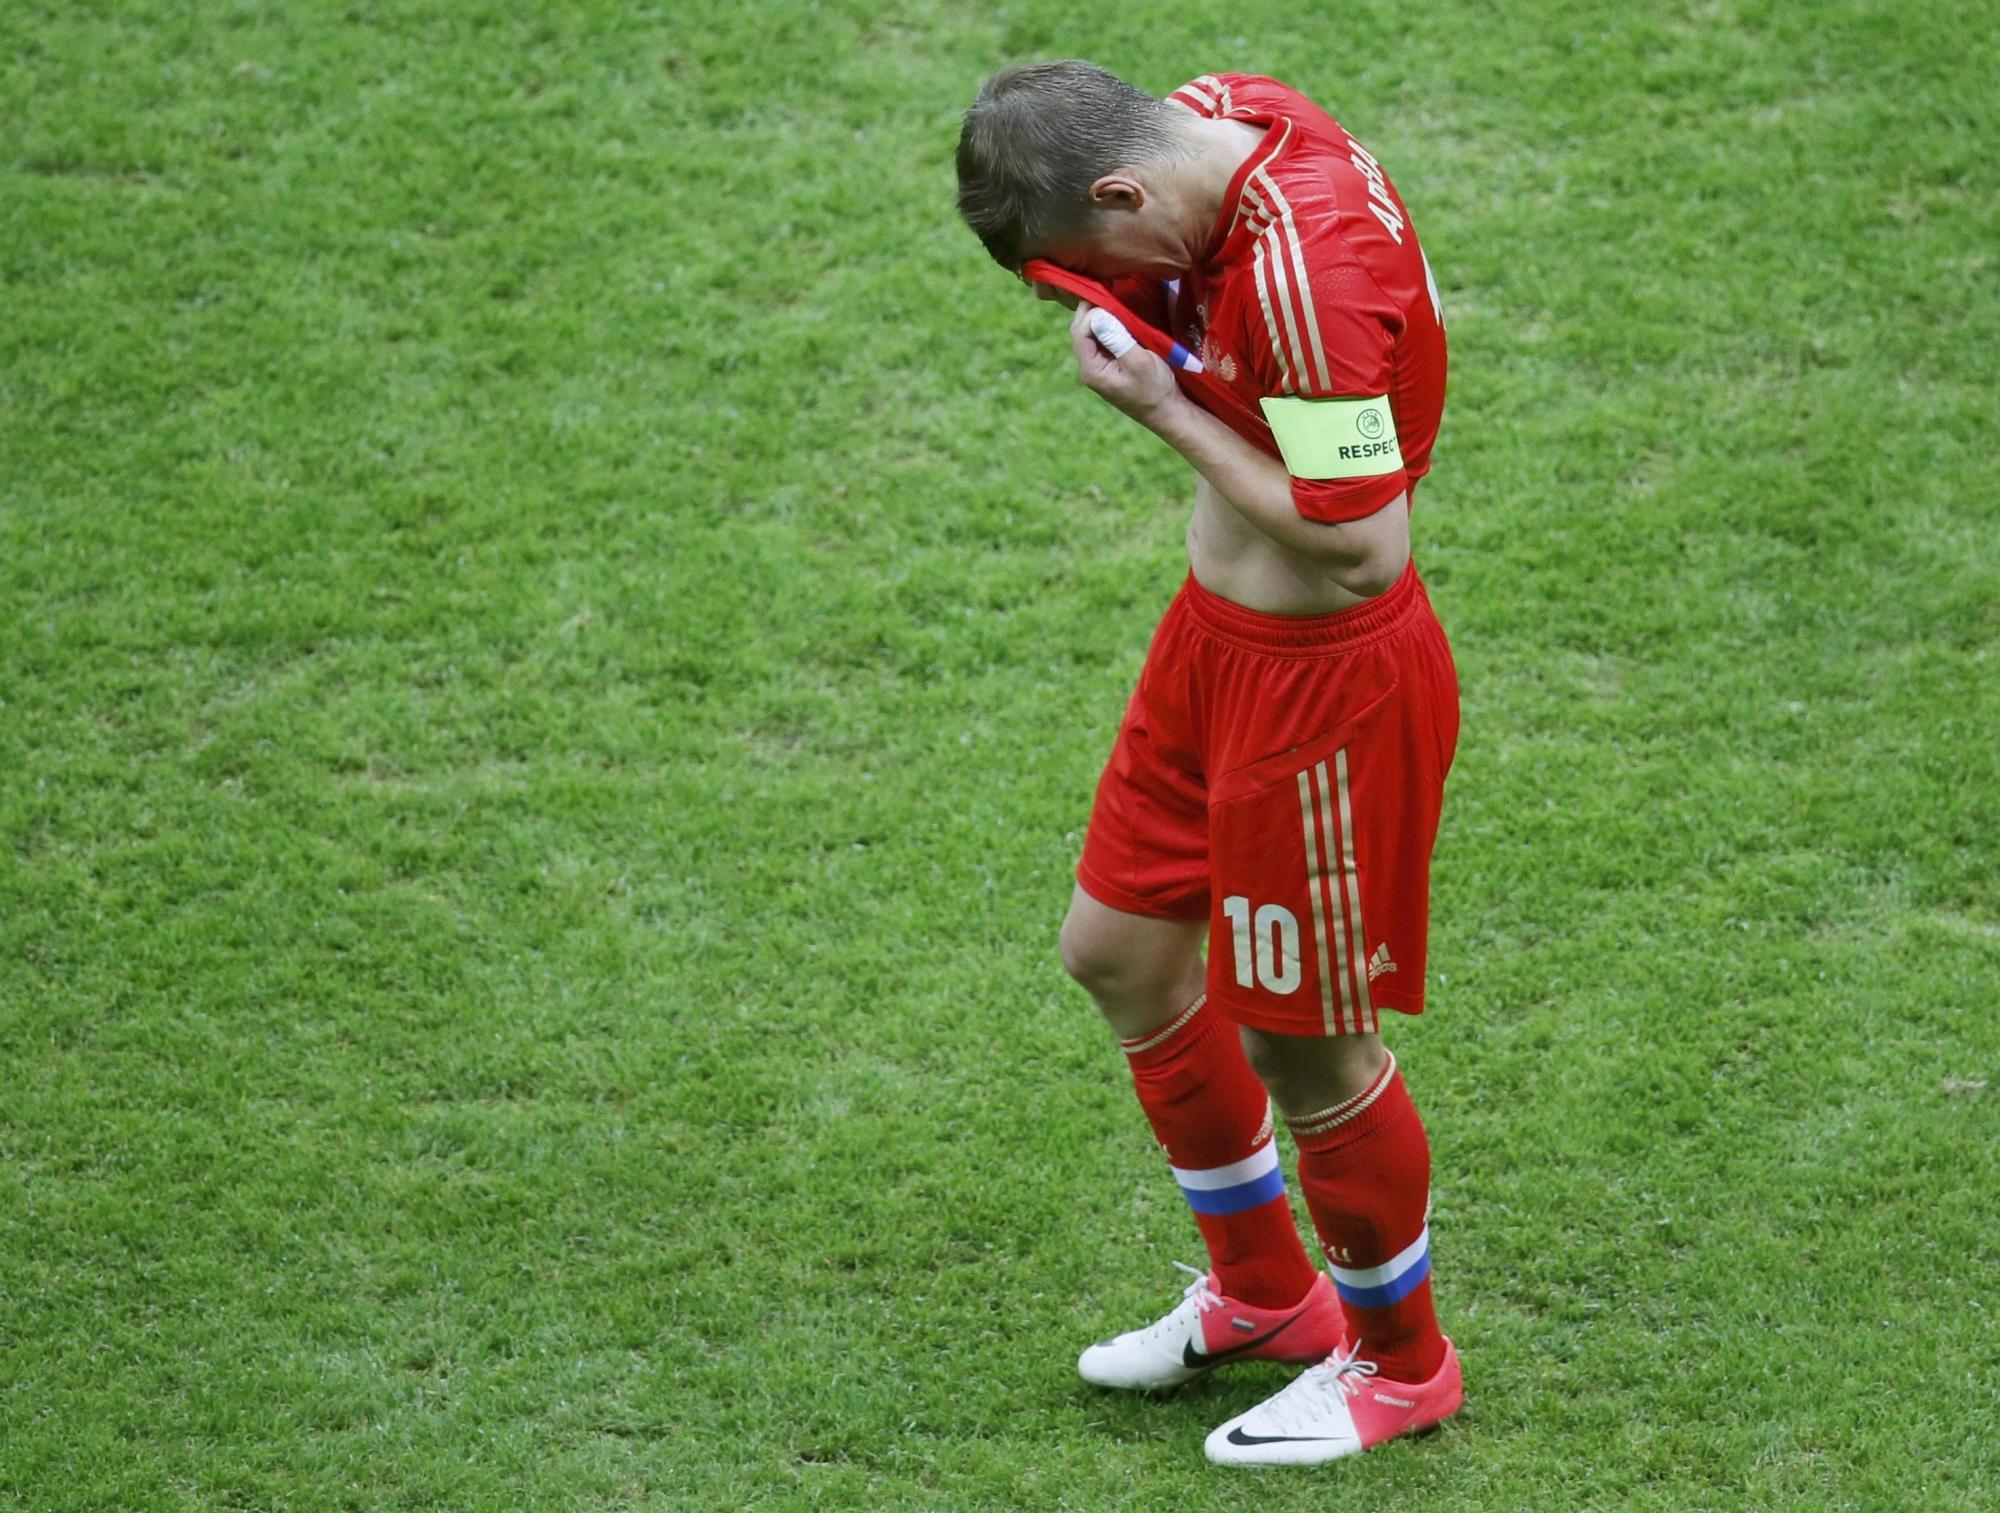 того чтобы фото провалов в футболе россии распространен